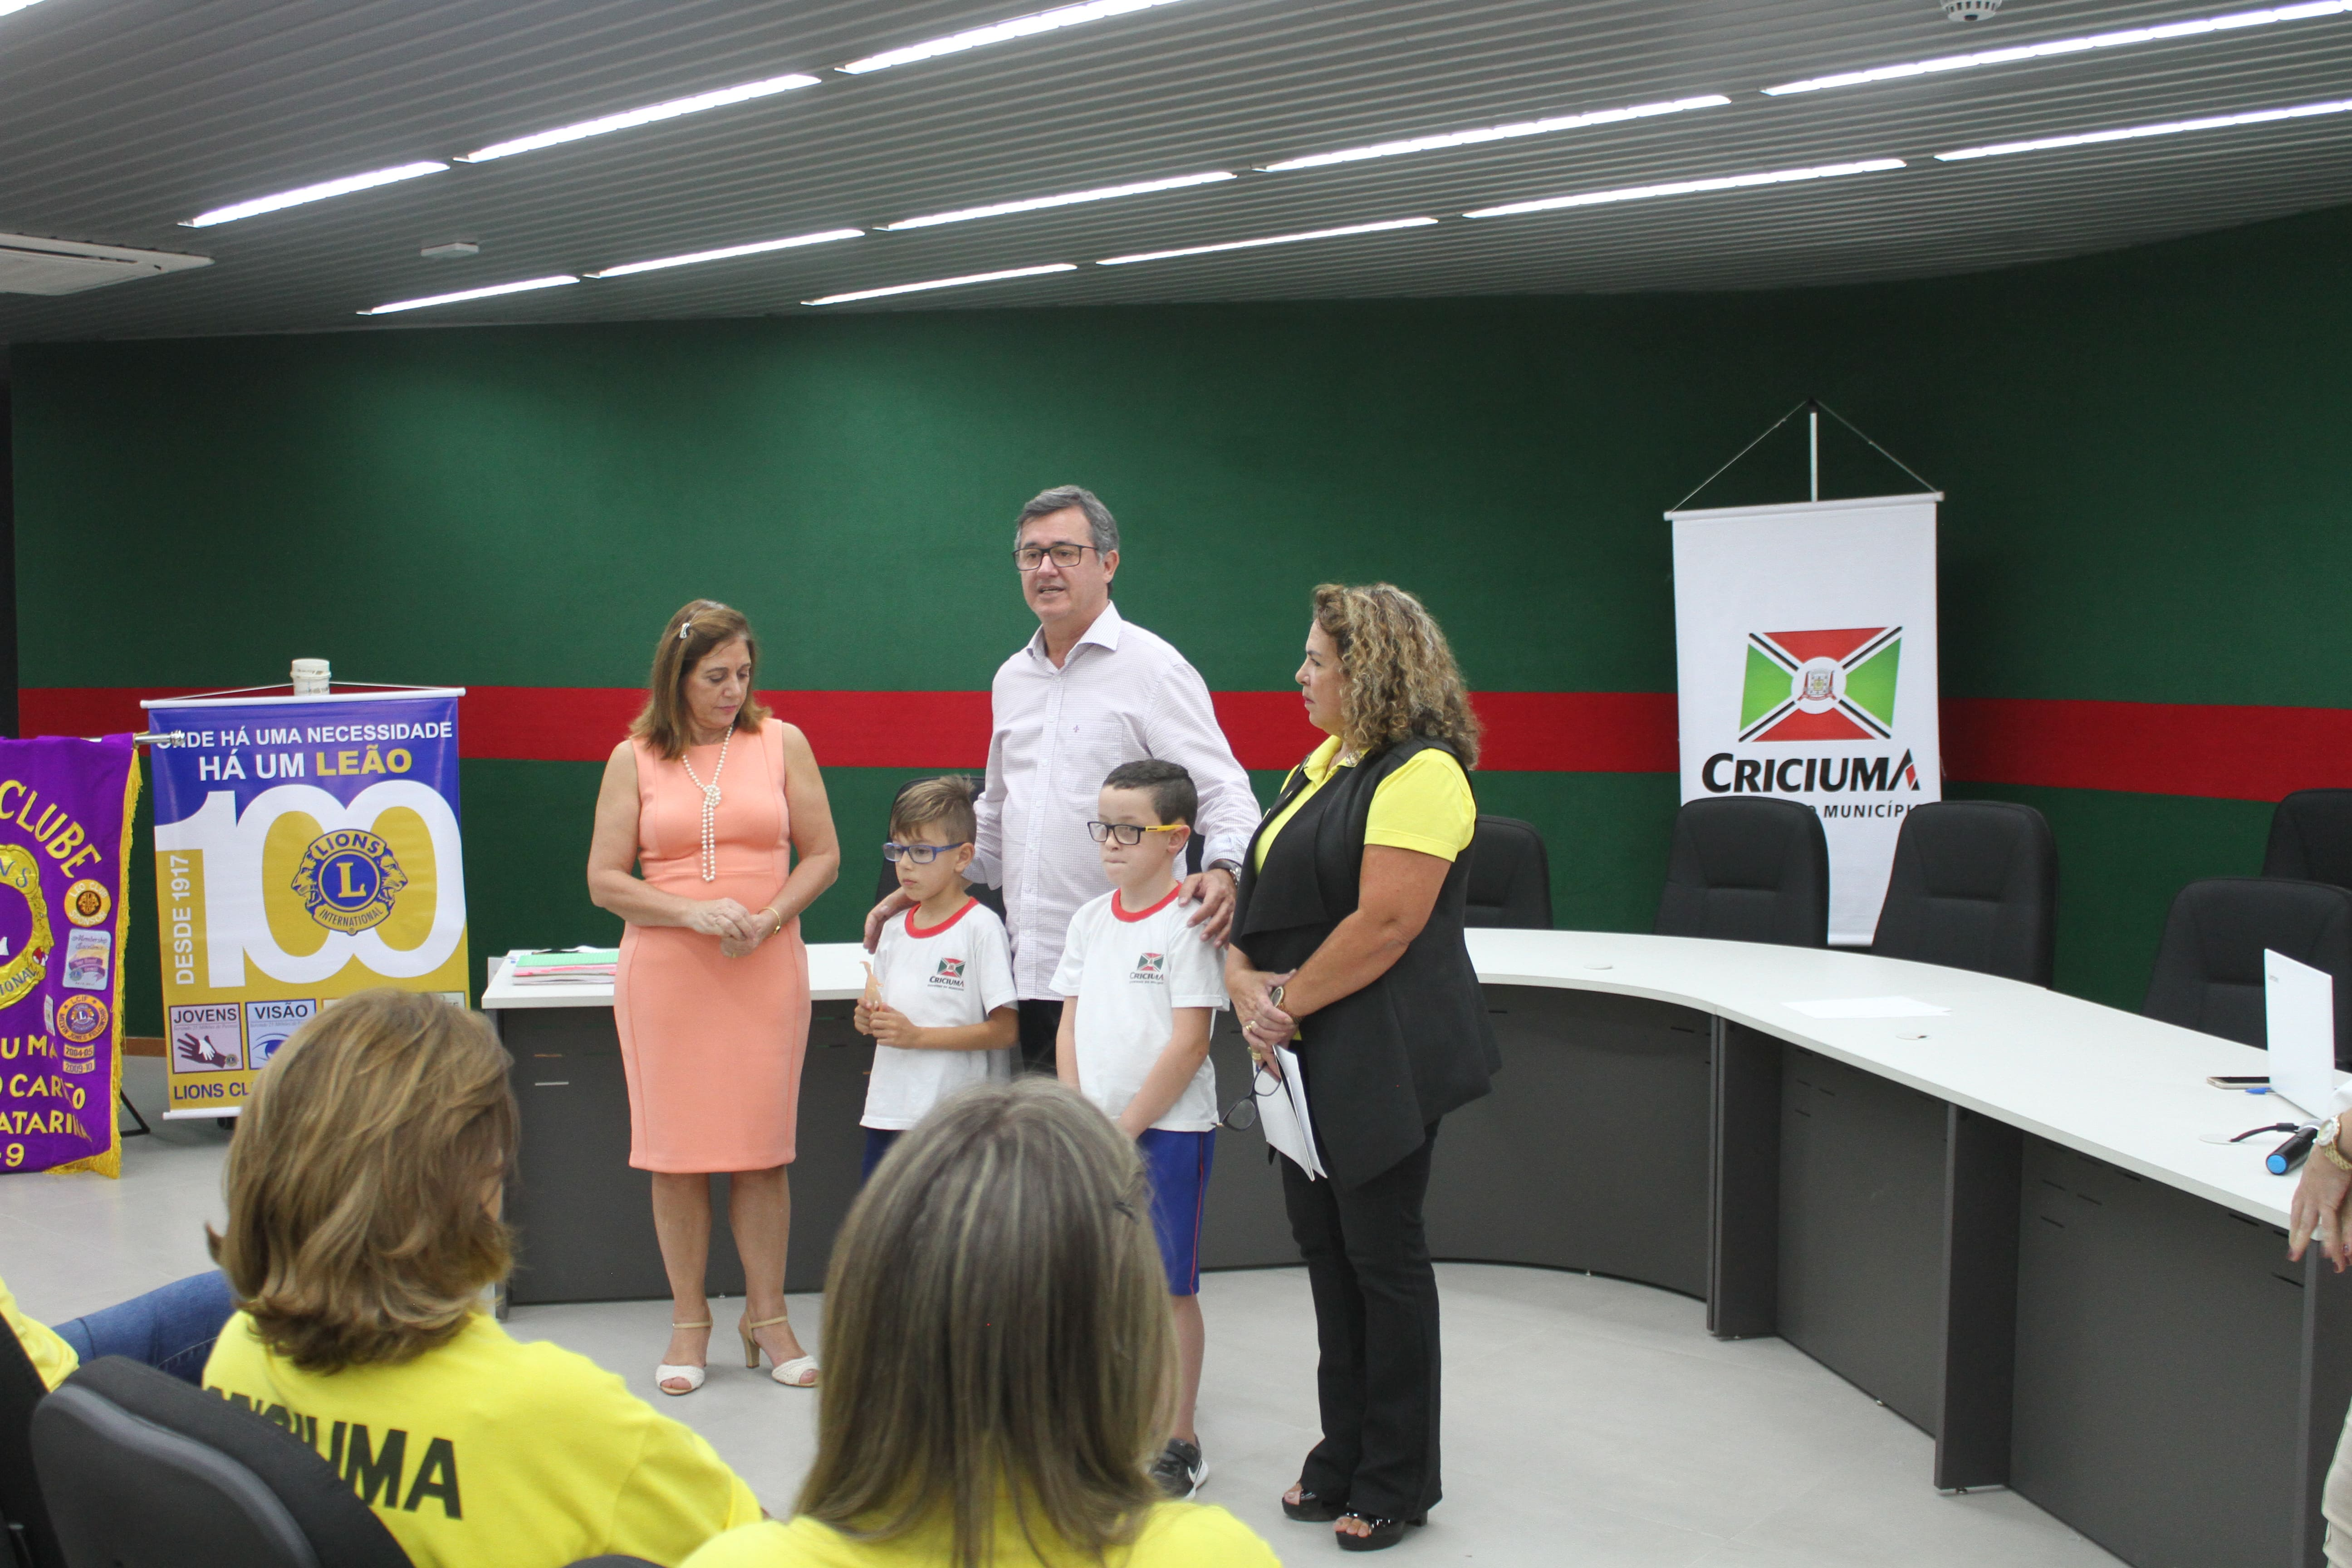 Prefeitura Municipal de Criciúma - Parceria entre Secretaria de Educação e Lions Clube entrega óculos para estudantes da rede municipal